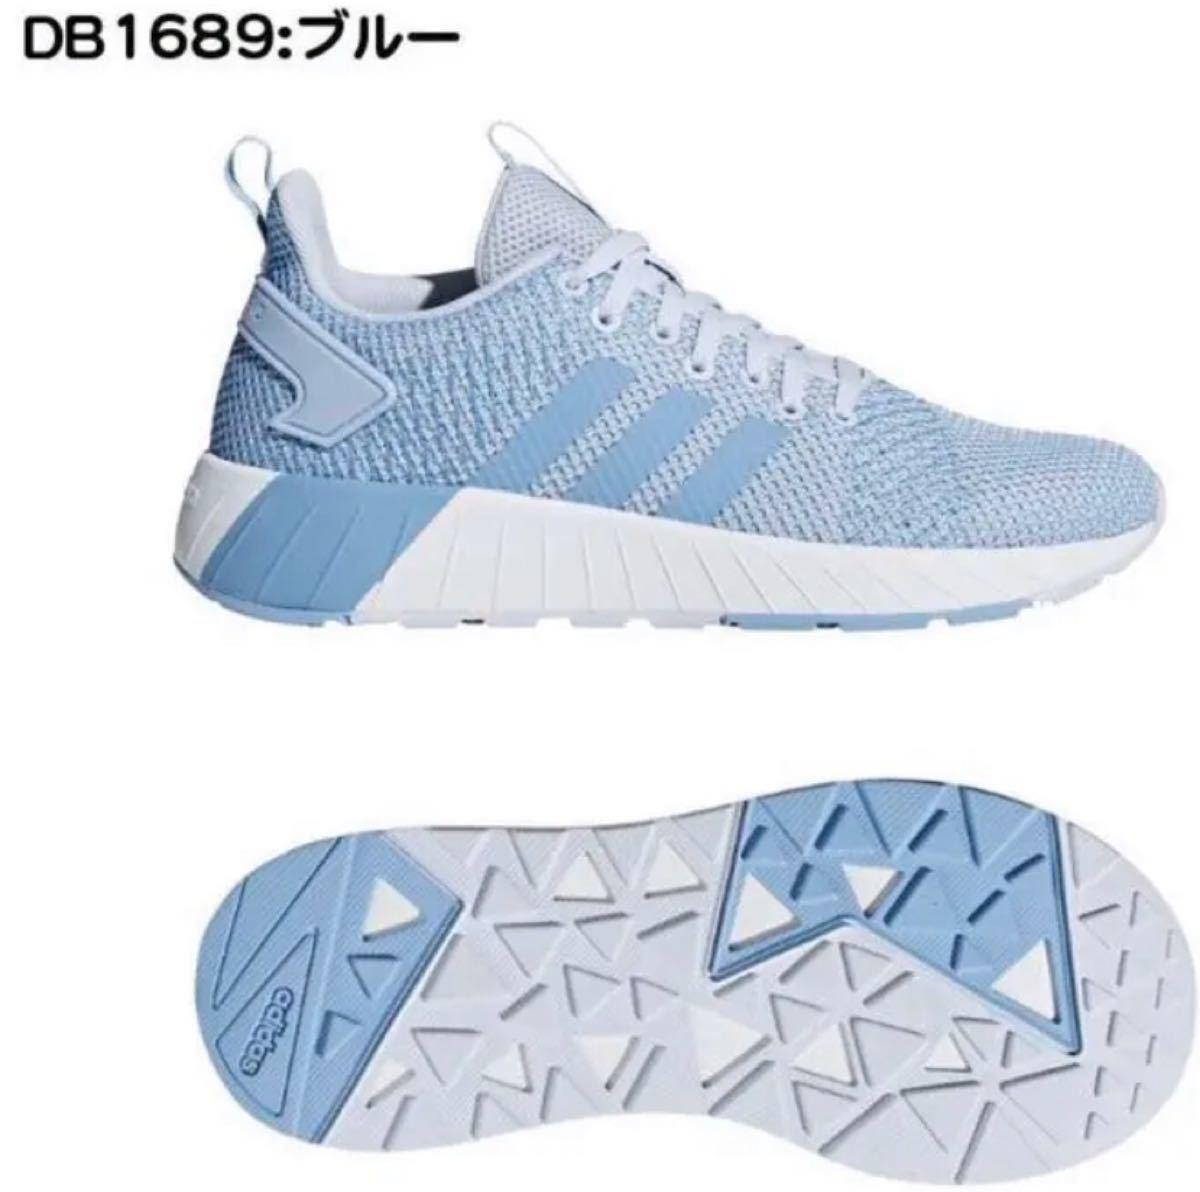 新品!アディダス 軽いランニングシューズ 水色◇25.0cm adidas